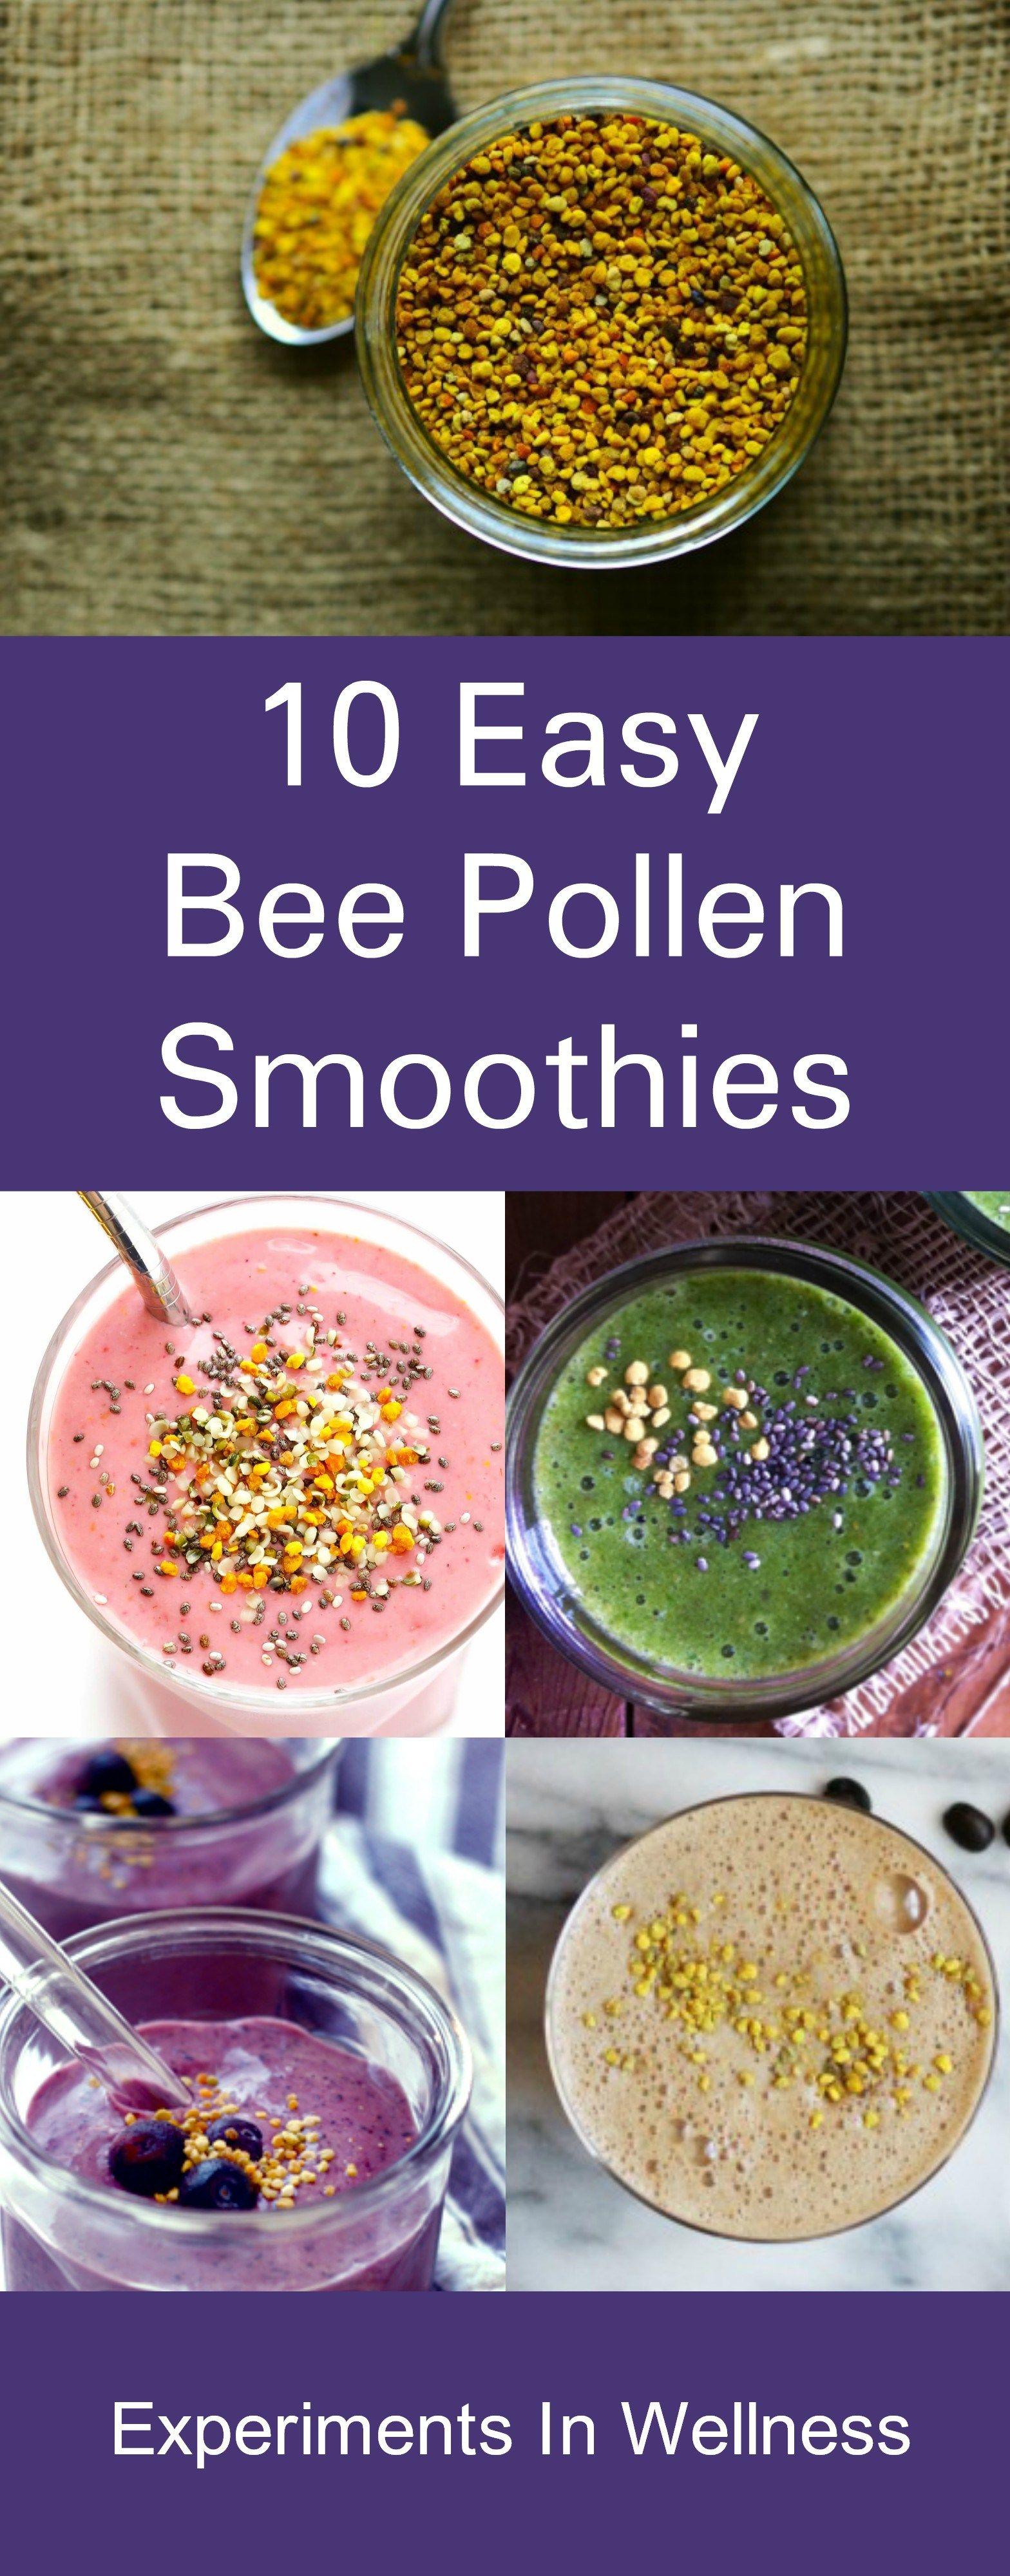 10 Surprising Health Benefits Of Bee Pollen Experiments In Wellness Bee Pollen Bee Pollen Smoothie Healthy Recipes